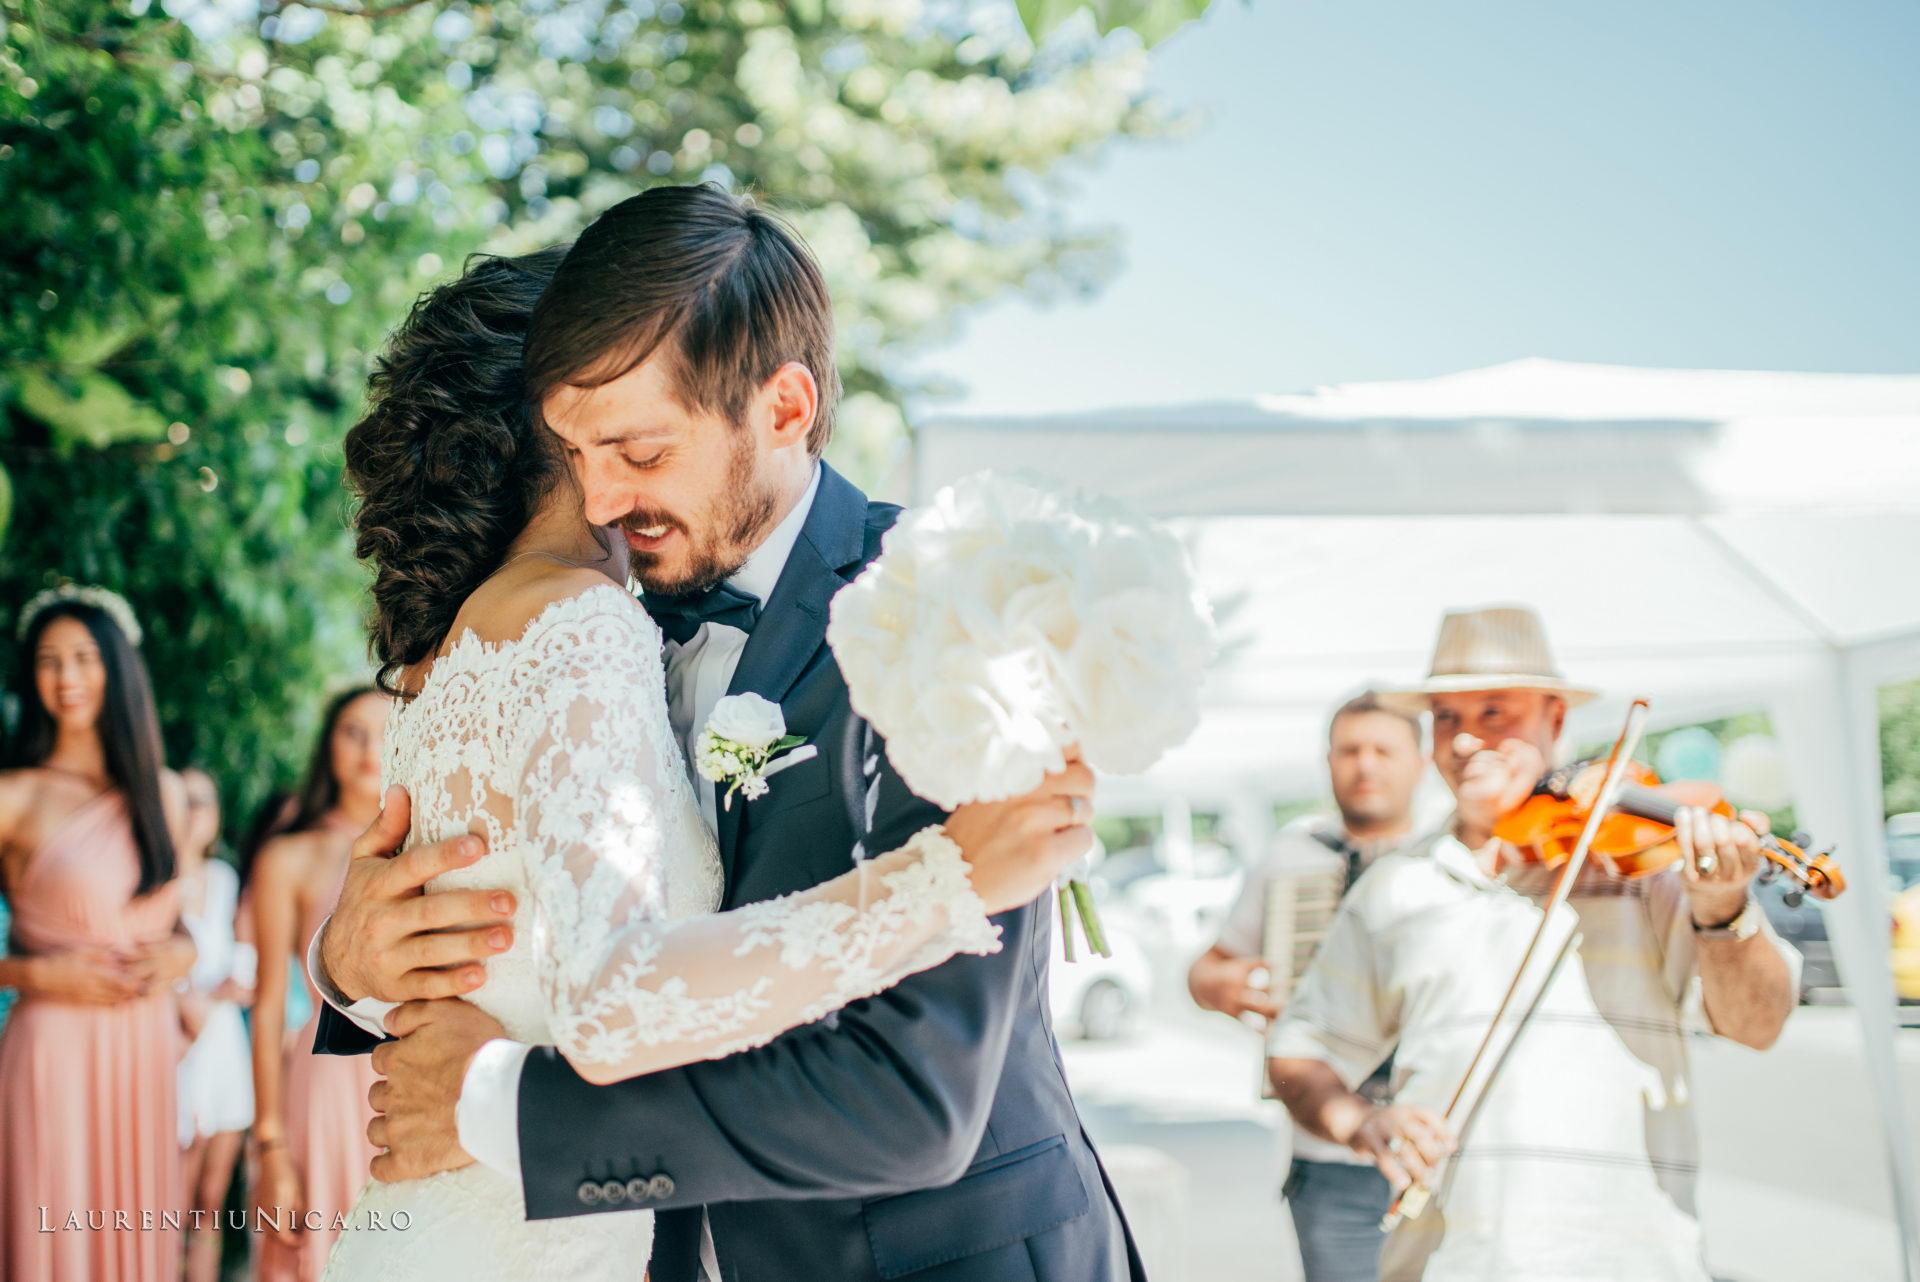 Cristina si Ovidiu nunta Craiova fotograf laurentiu nica 080 - Cristina & Ovidiu | Fotografii nunta | Craiova